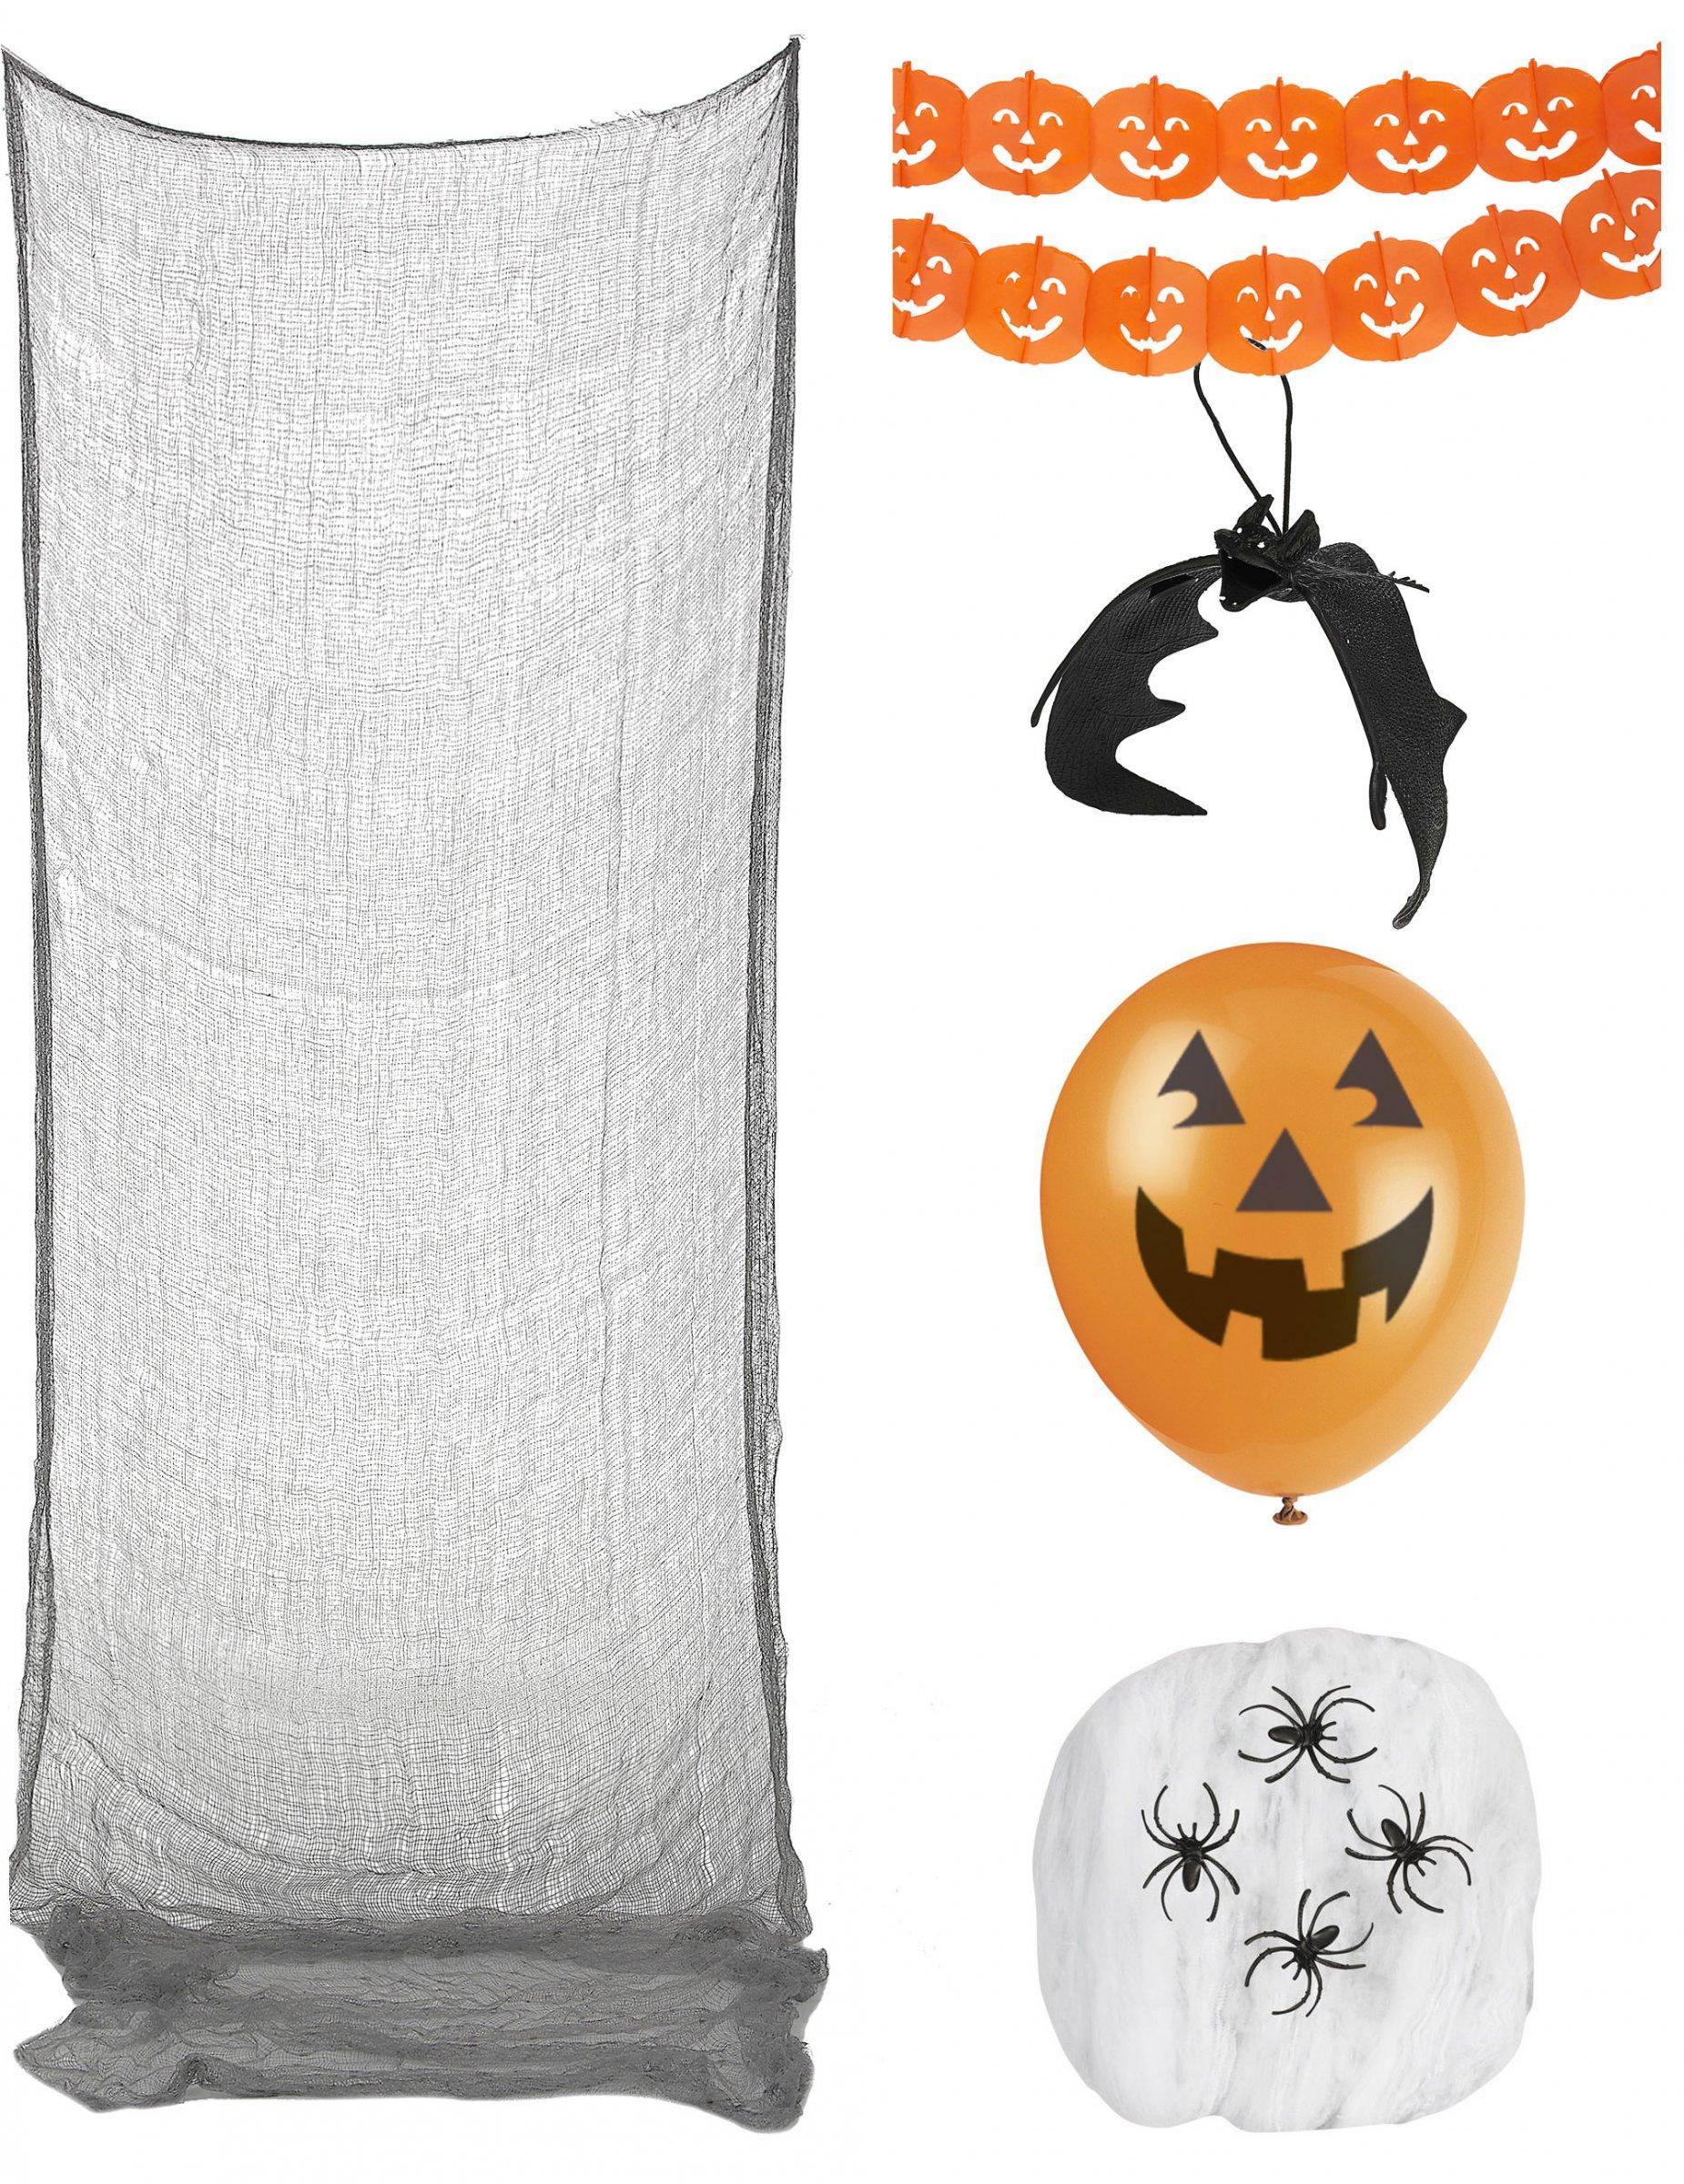 Set Decorazione Di Halloween Addobbi E Vestiti Di